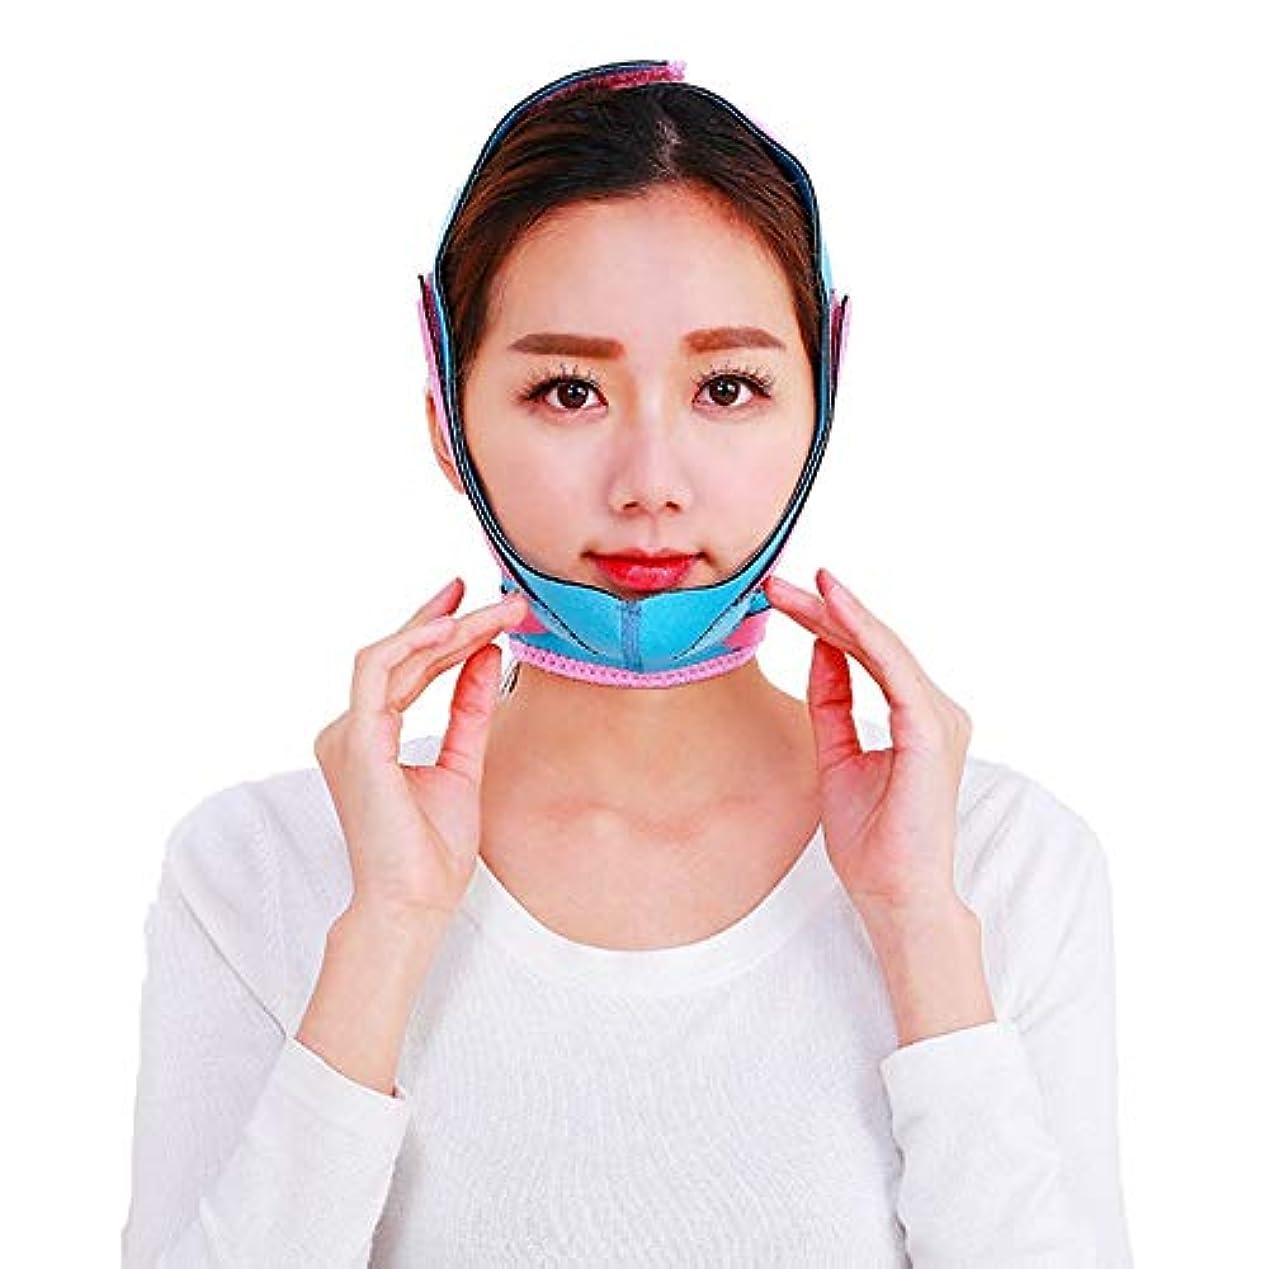 三十感謝している魅惑的な薄い顔のベルト - 薄い顔のベルト通気性のある顔の包帯前面のリフティングマスクVの顔薄い面の小さな持ち上げツール